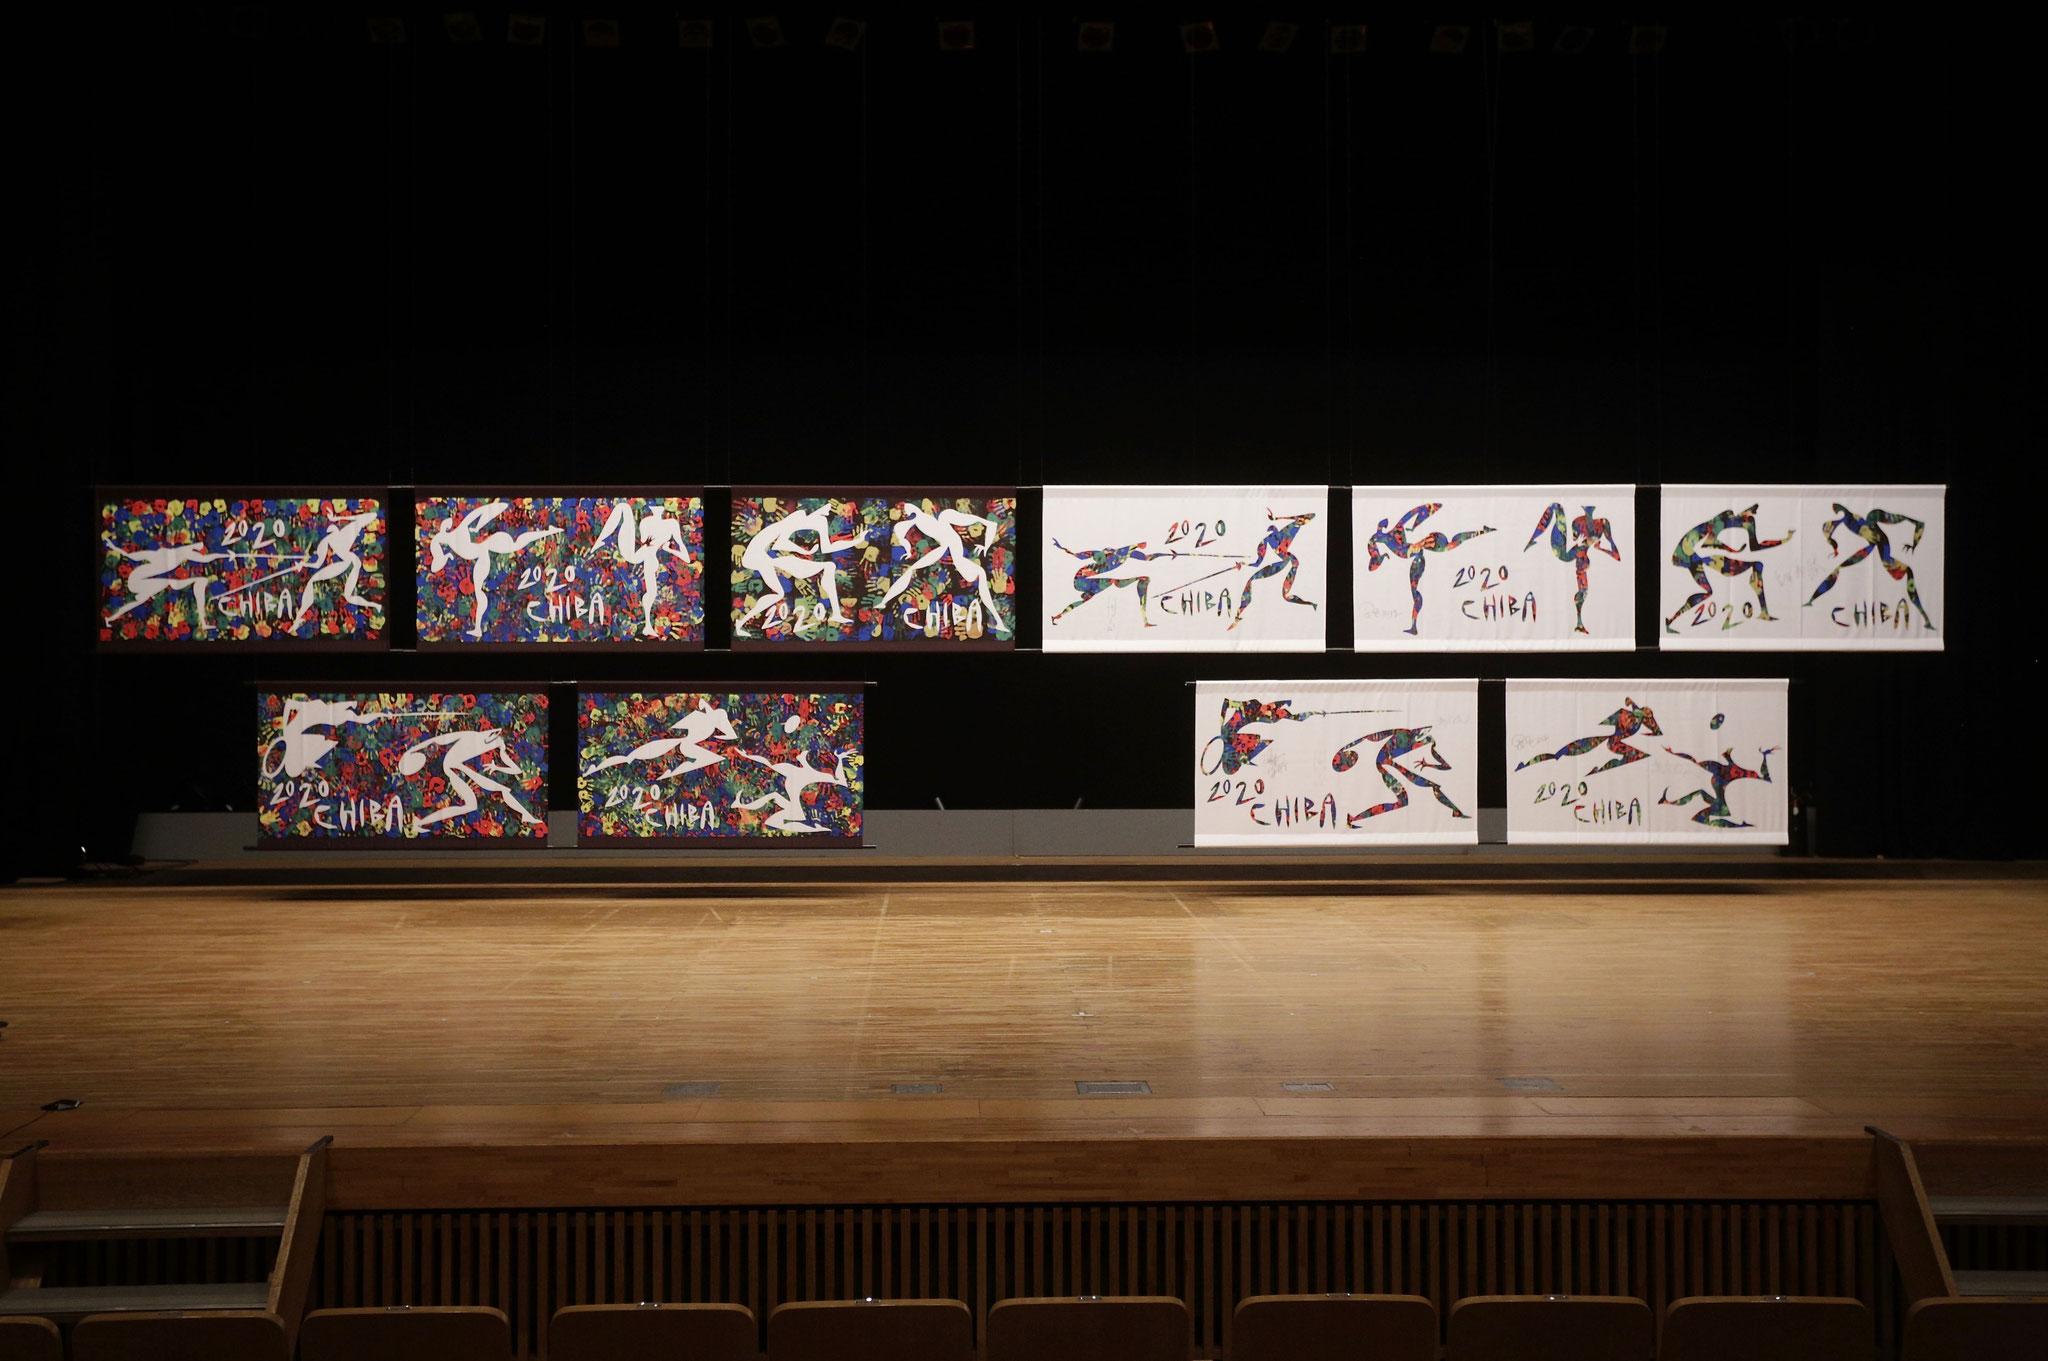 オリンピック競技周知の為の横断幕を制作する市民参加型イベントワークショップ。様々な年代の方にハンドスタンプで下地を作成してもらう(全年齢/1ヶ月)主催:千葉市/ちばアートウインド運営企業体